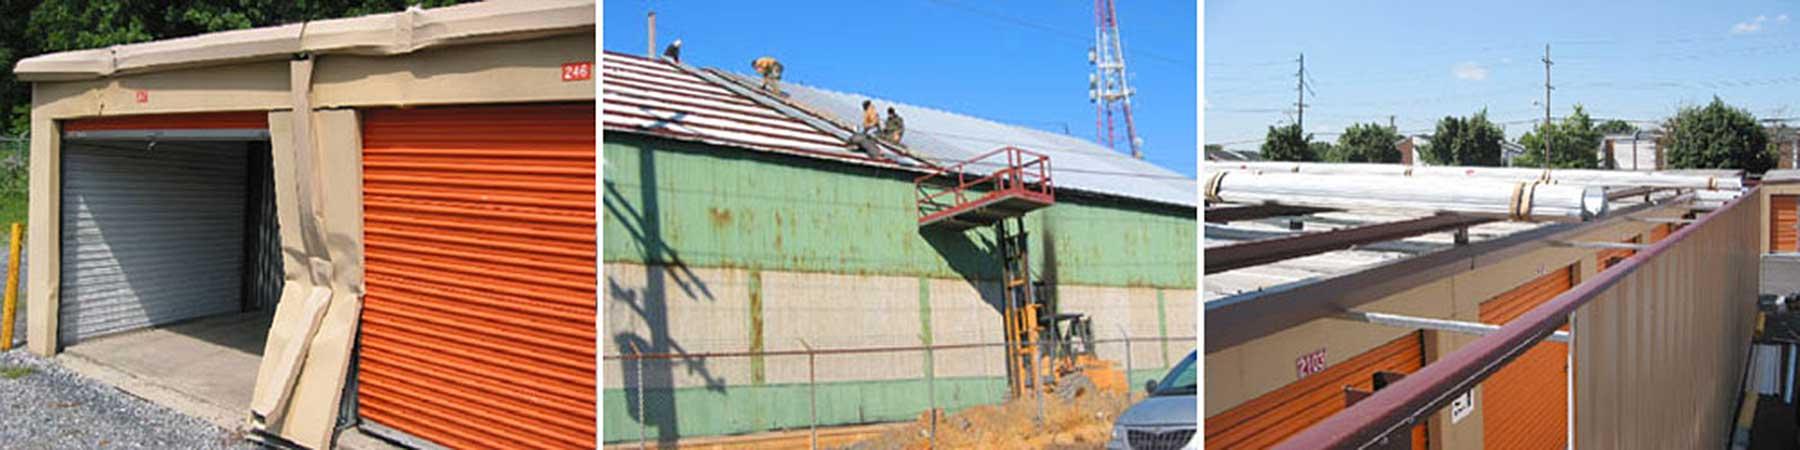 Metal Buildings Repair & Renovations